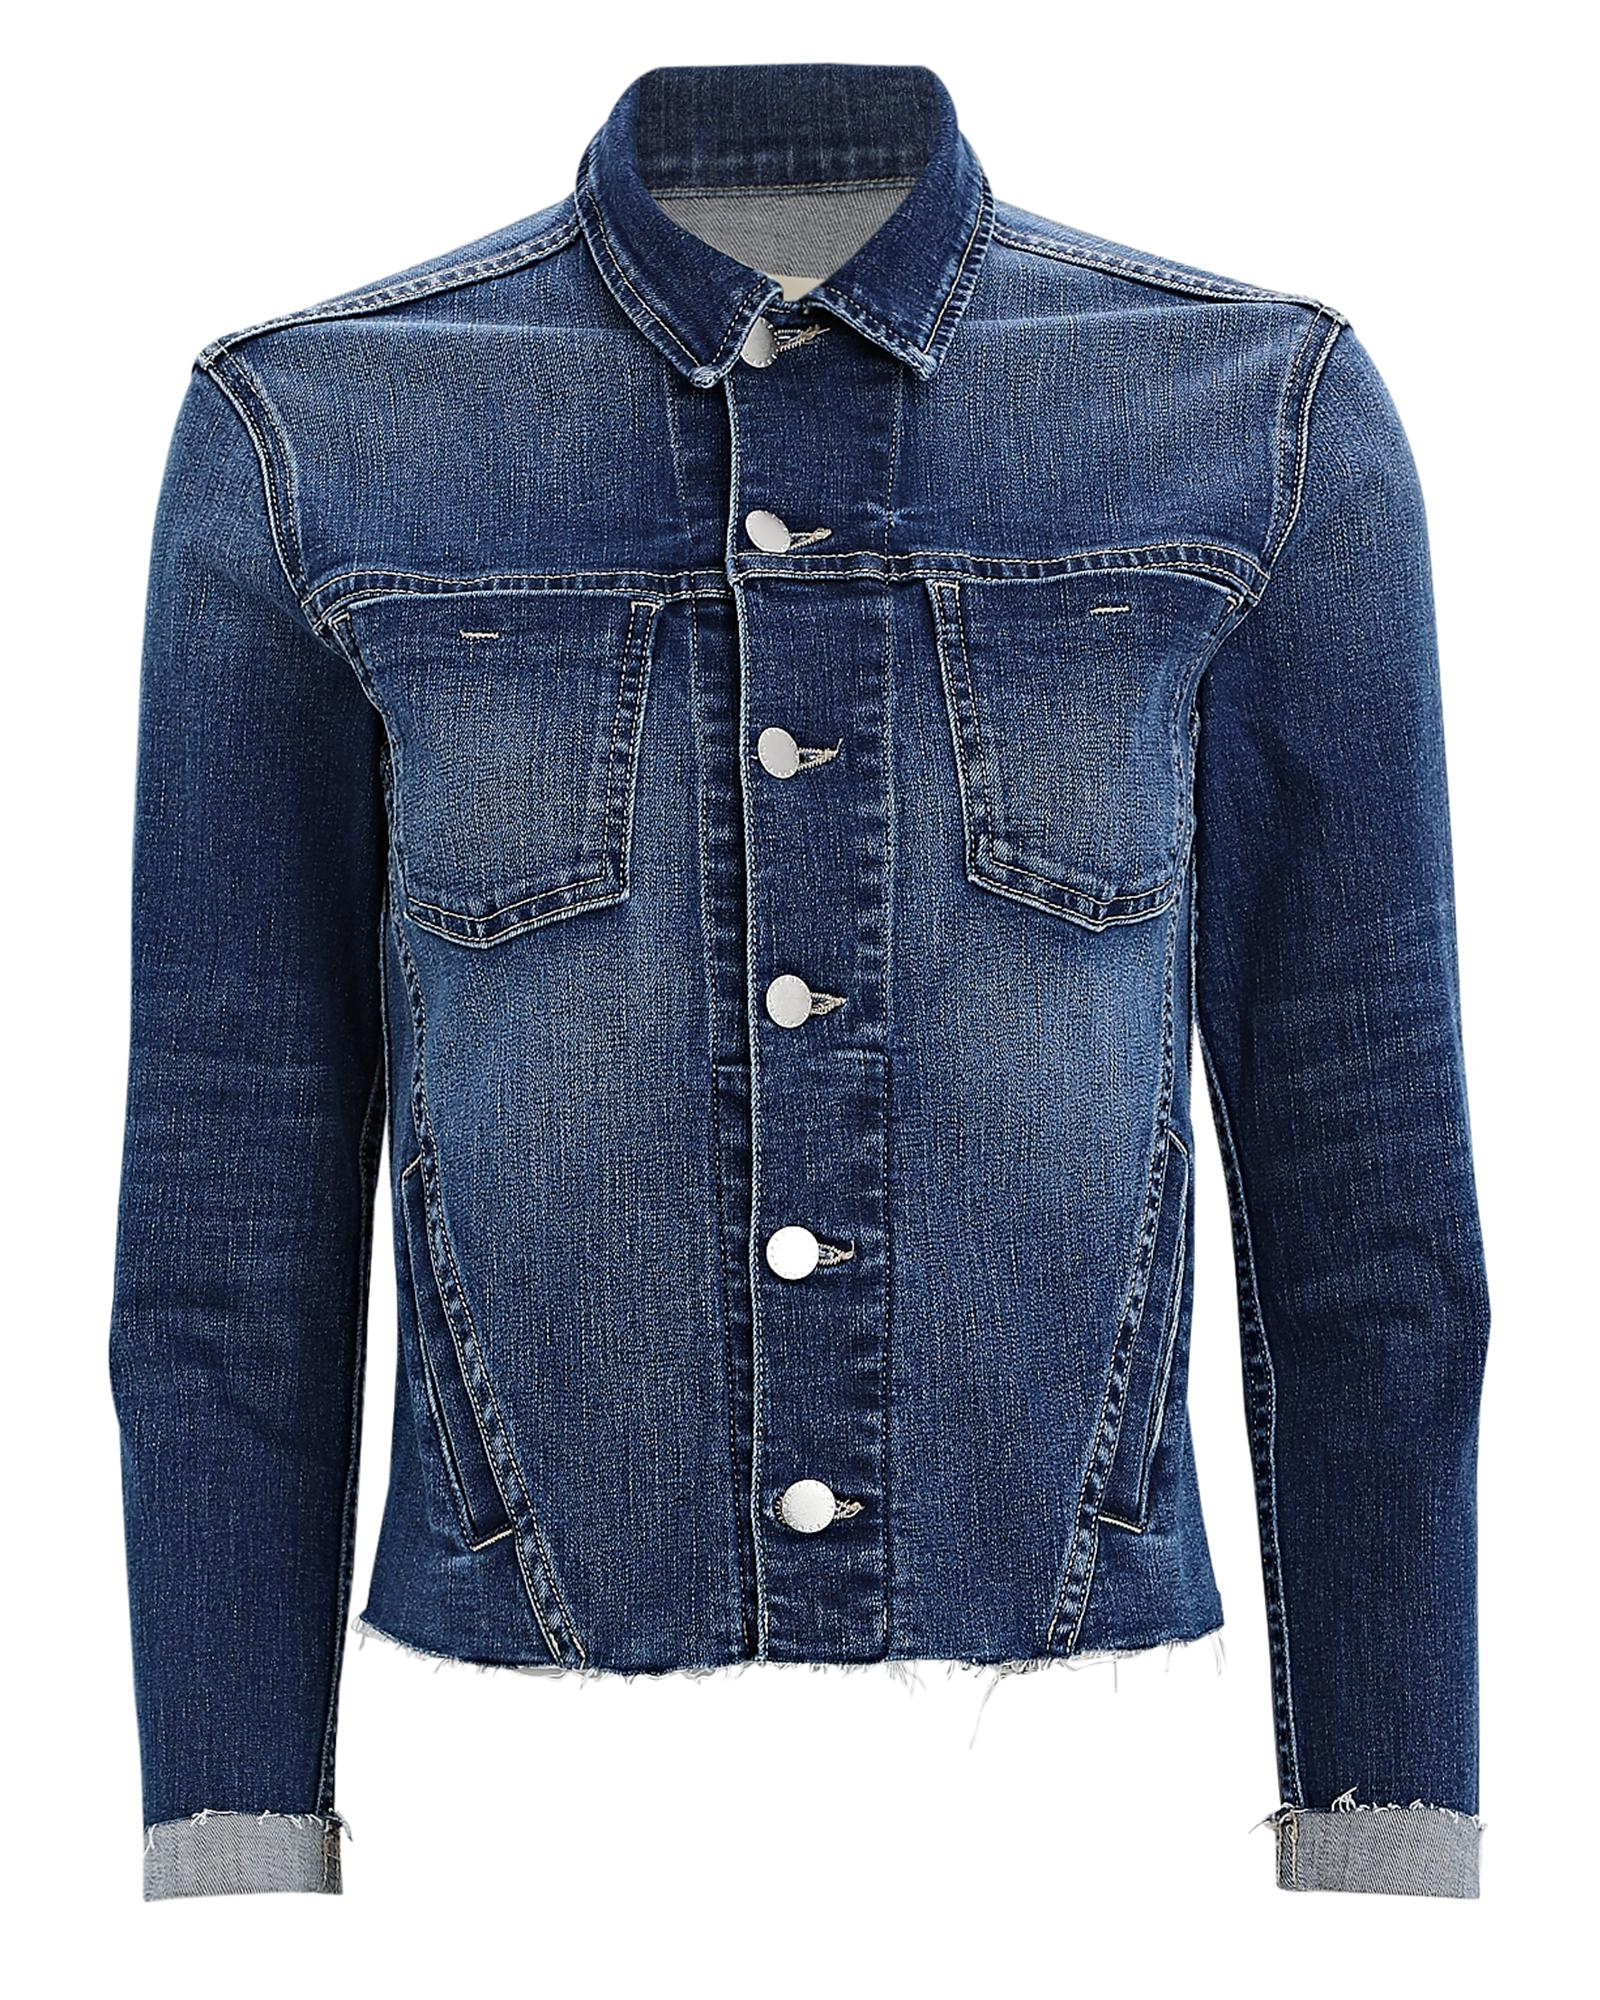 L Agence Janelle Cropped Denim Jacket